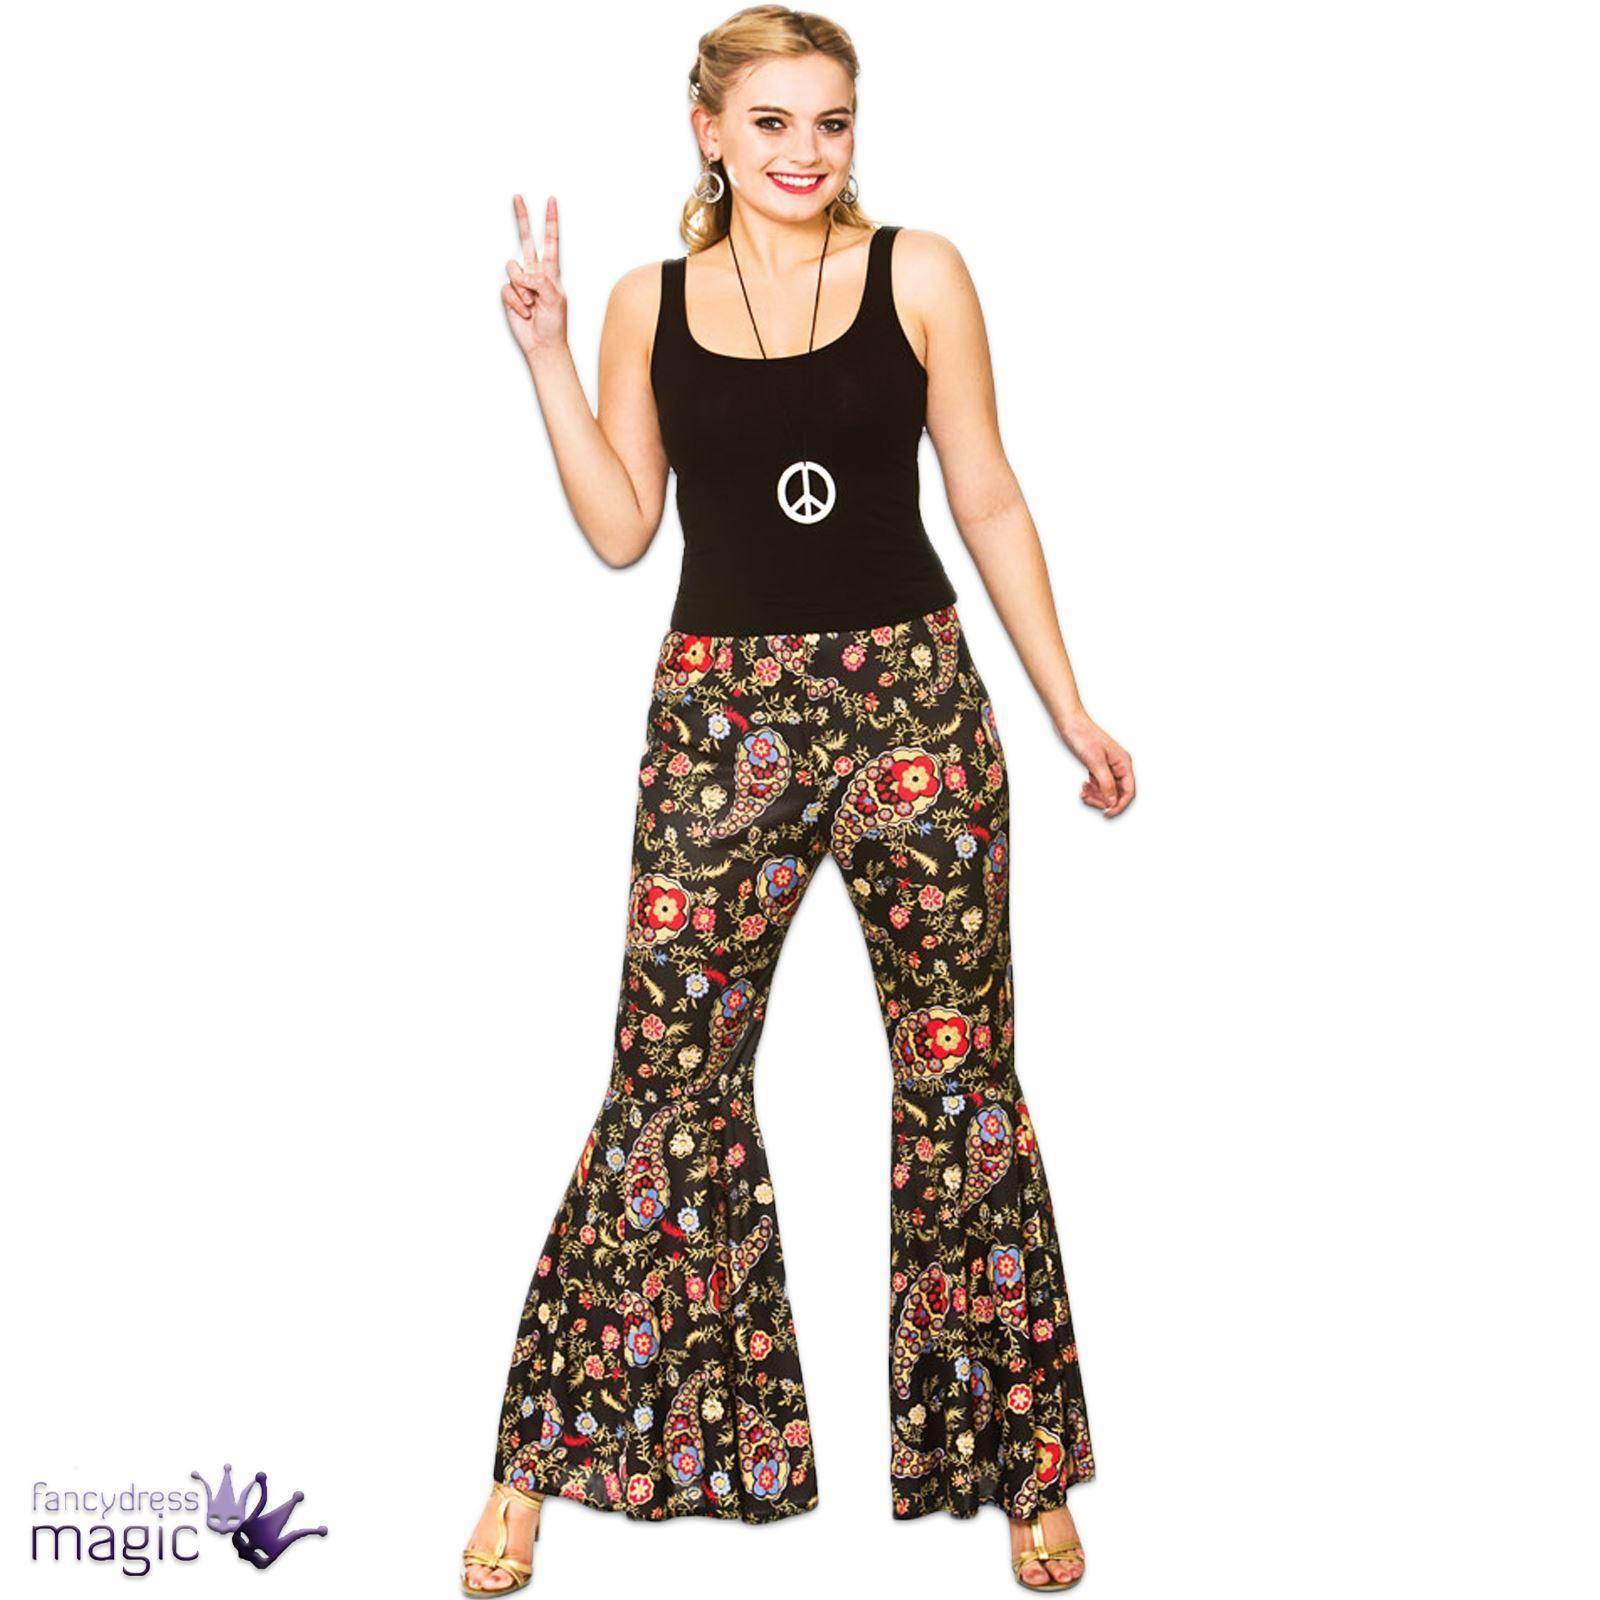 adultes femmes vas fus es hippie ann es 60 60 pantalon costume d guisement ebay. Black Bedroom Furniture Sets. Home Design Ideas